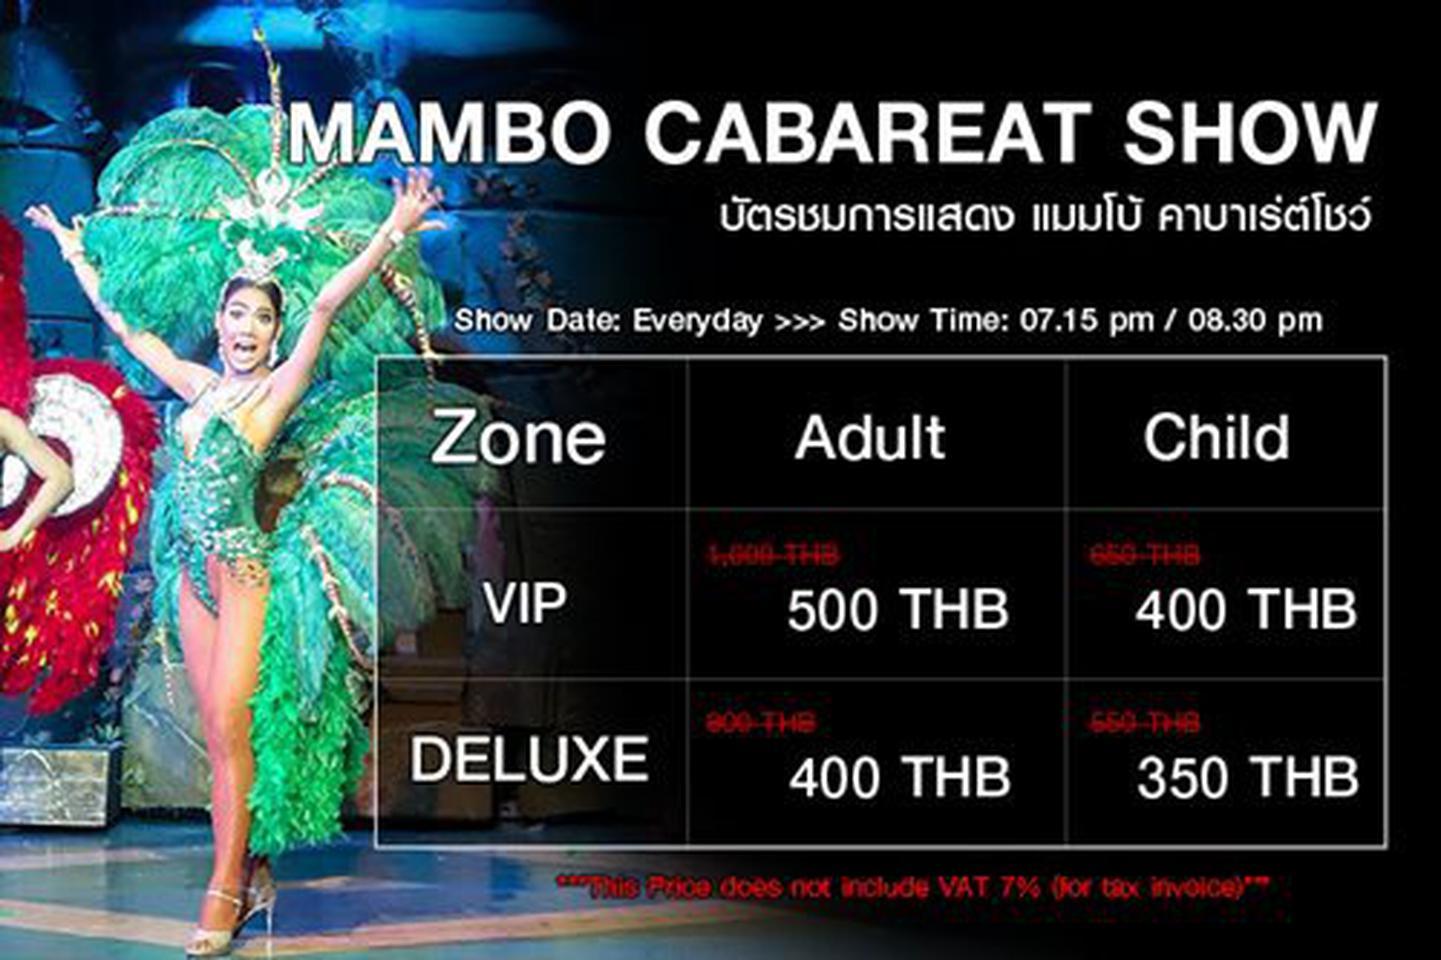 บัตรชมการแสดง แมมโบ้ คาบาเร่ต์ โชว์ ราคาสุดแจ่ม รูปที่ 1